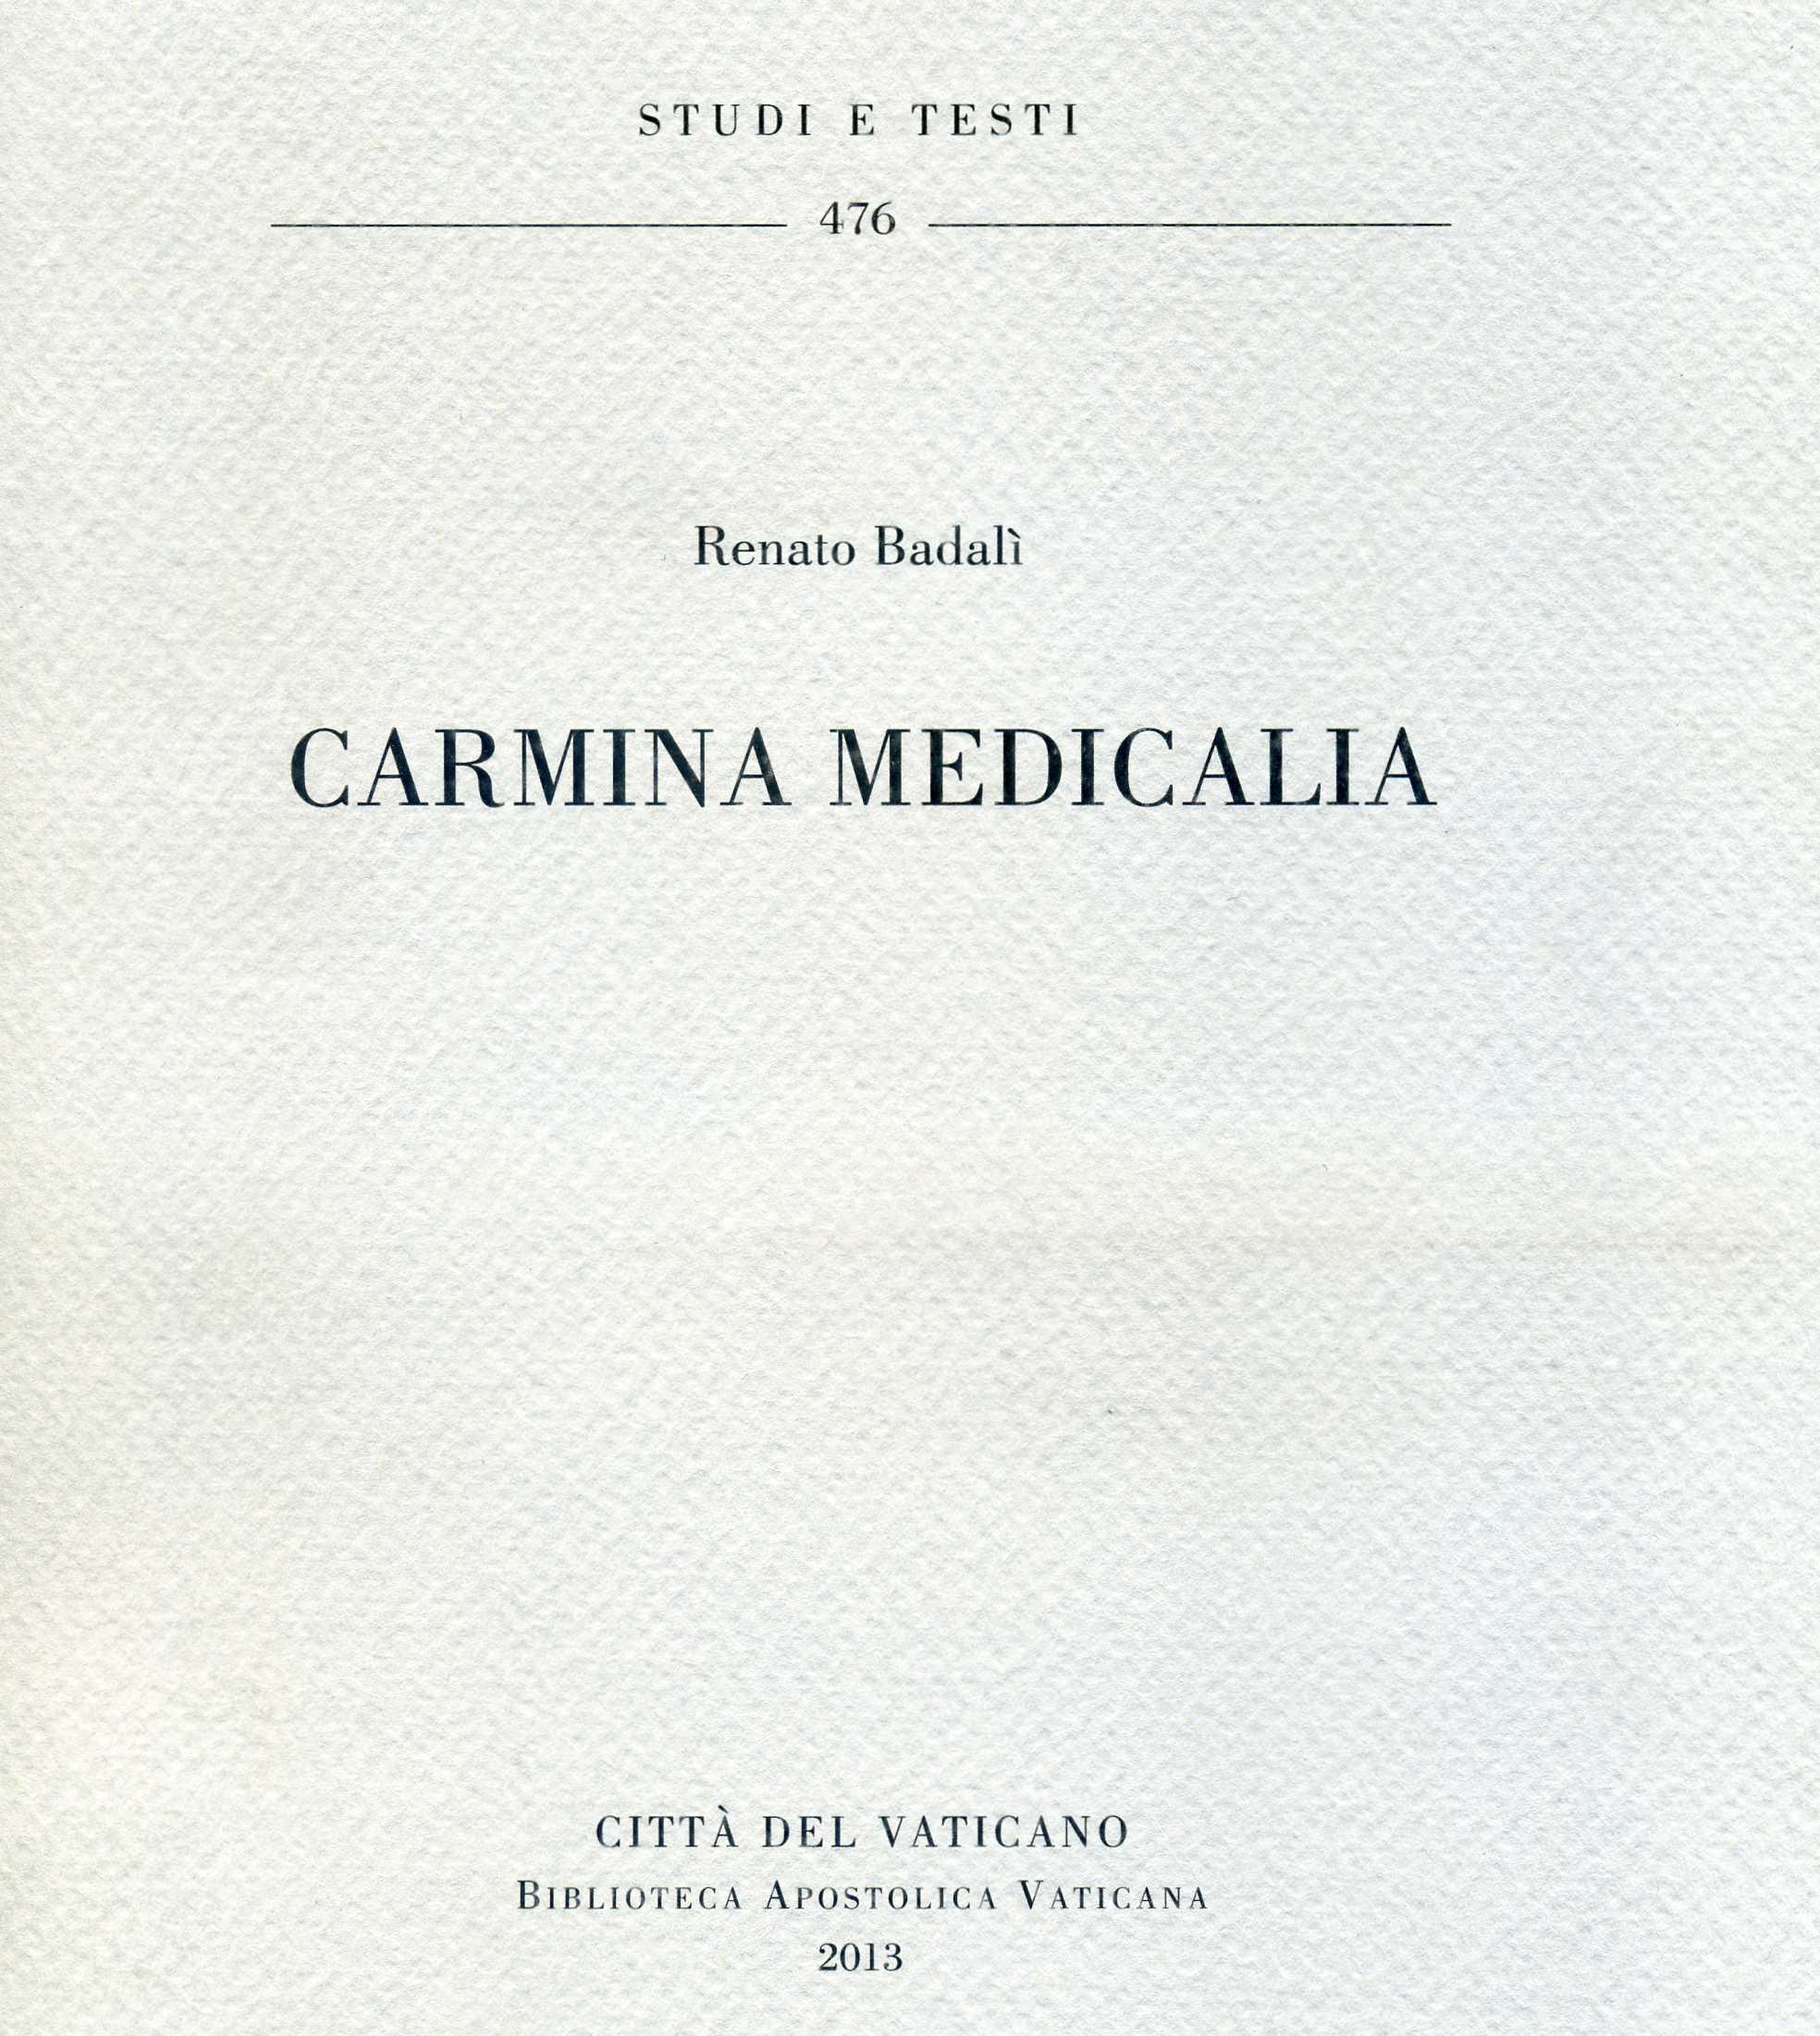 Carmina medicalia.